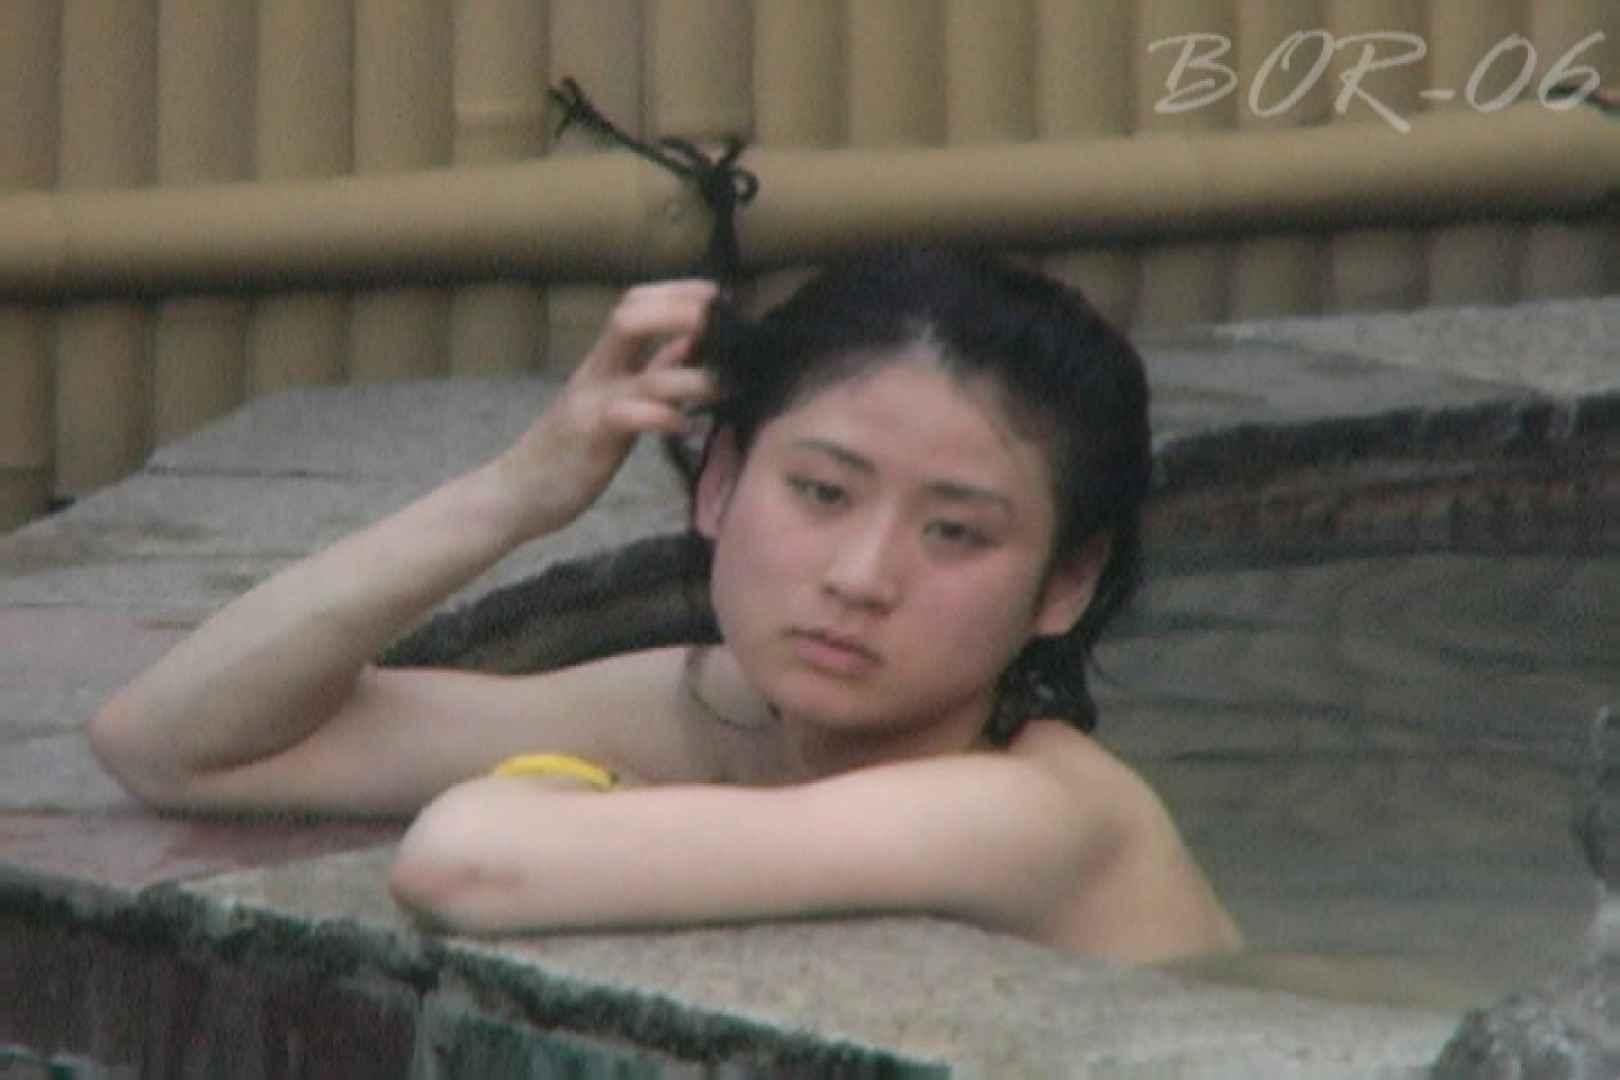 Aquaな露天風呂Vol.520 盗撮シリーズ  110PIX 98